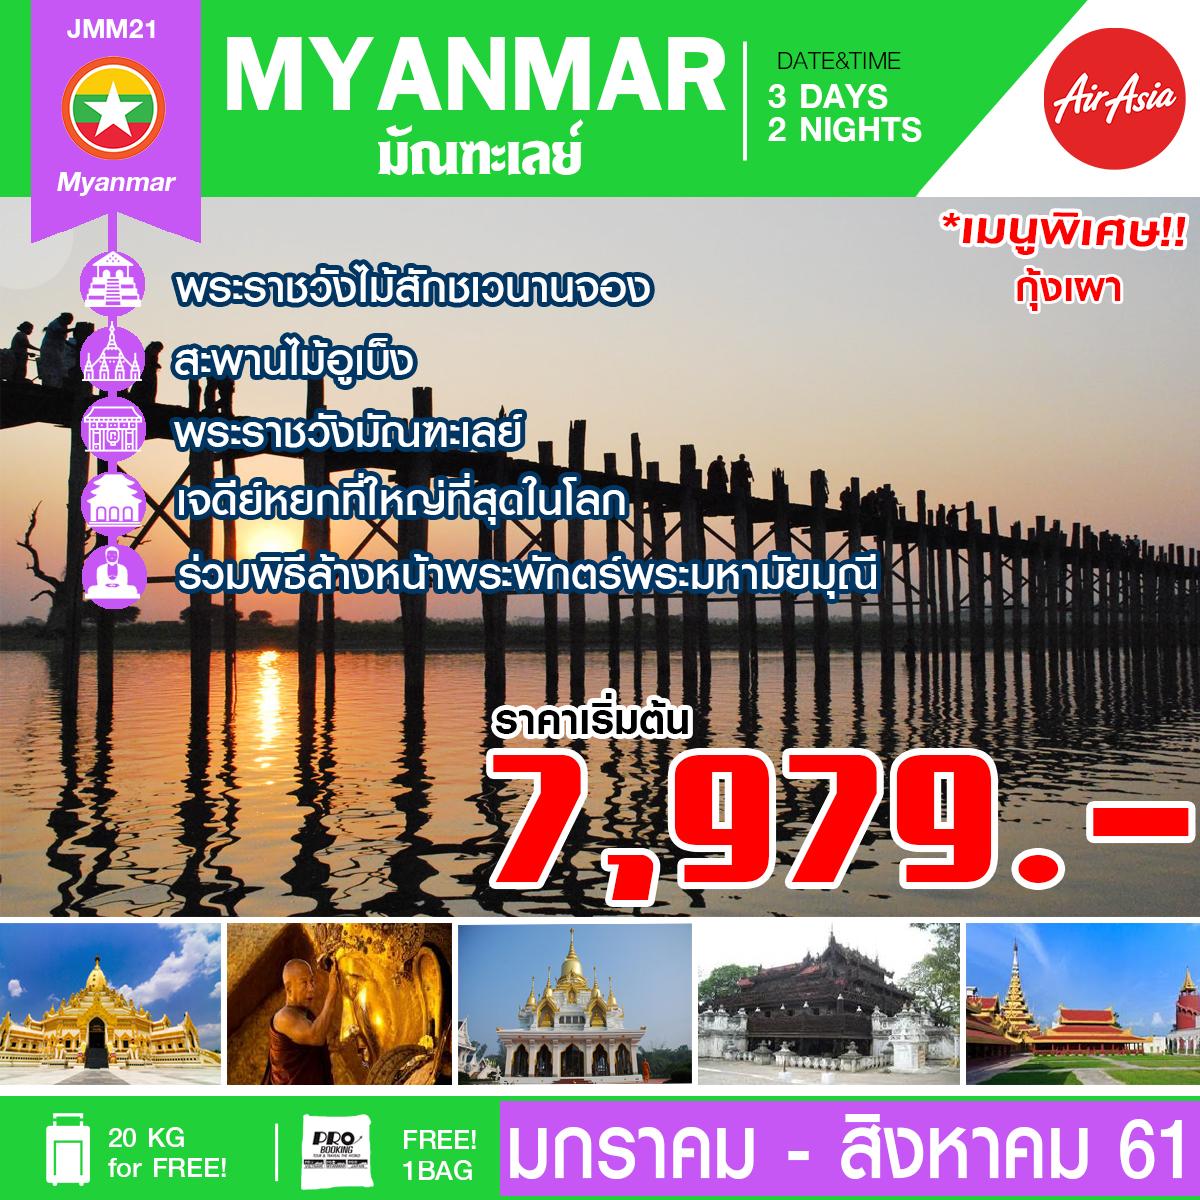 JW JMM21 ทัวร์ พม่า มัณฑะเลย์ สะพานไม้อูเบ็ง ร่วมพิธีศักดิ์สิทธิ์ล้างพระพักตร์พระมหามัยมนี 3 วัน 2 คืน บิน FD